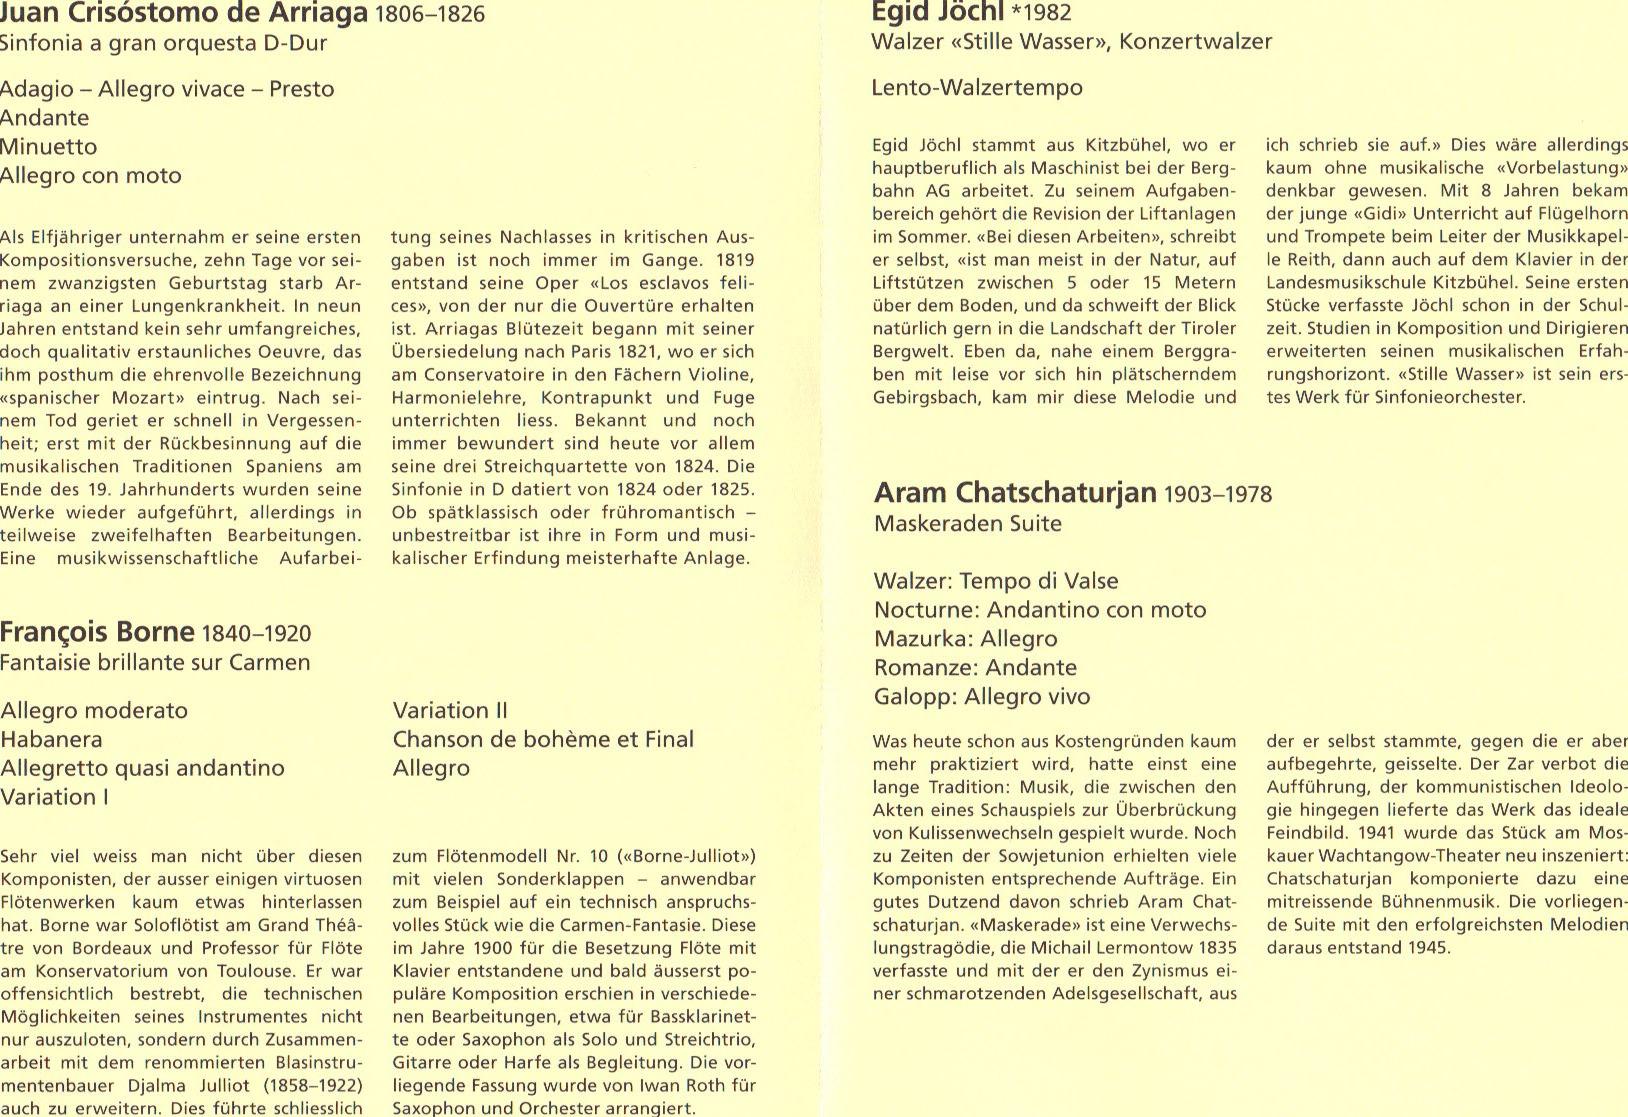 Programm Sinfonieorchester Meilen, 2011